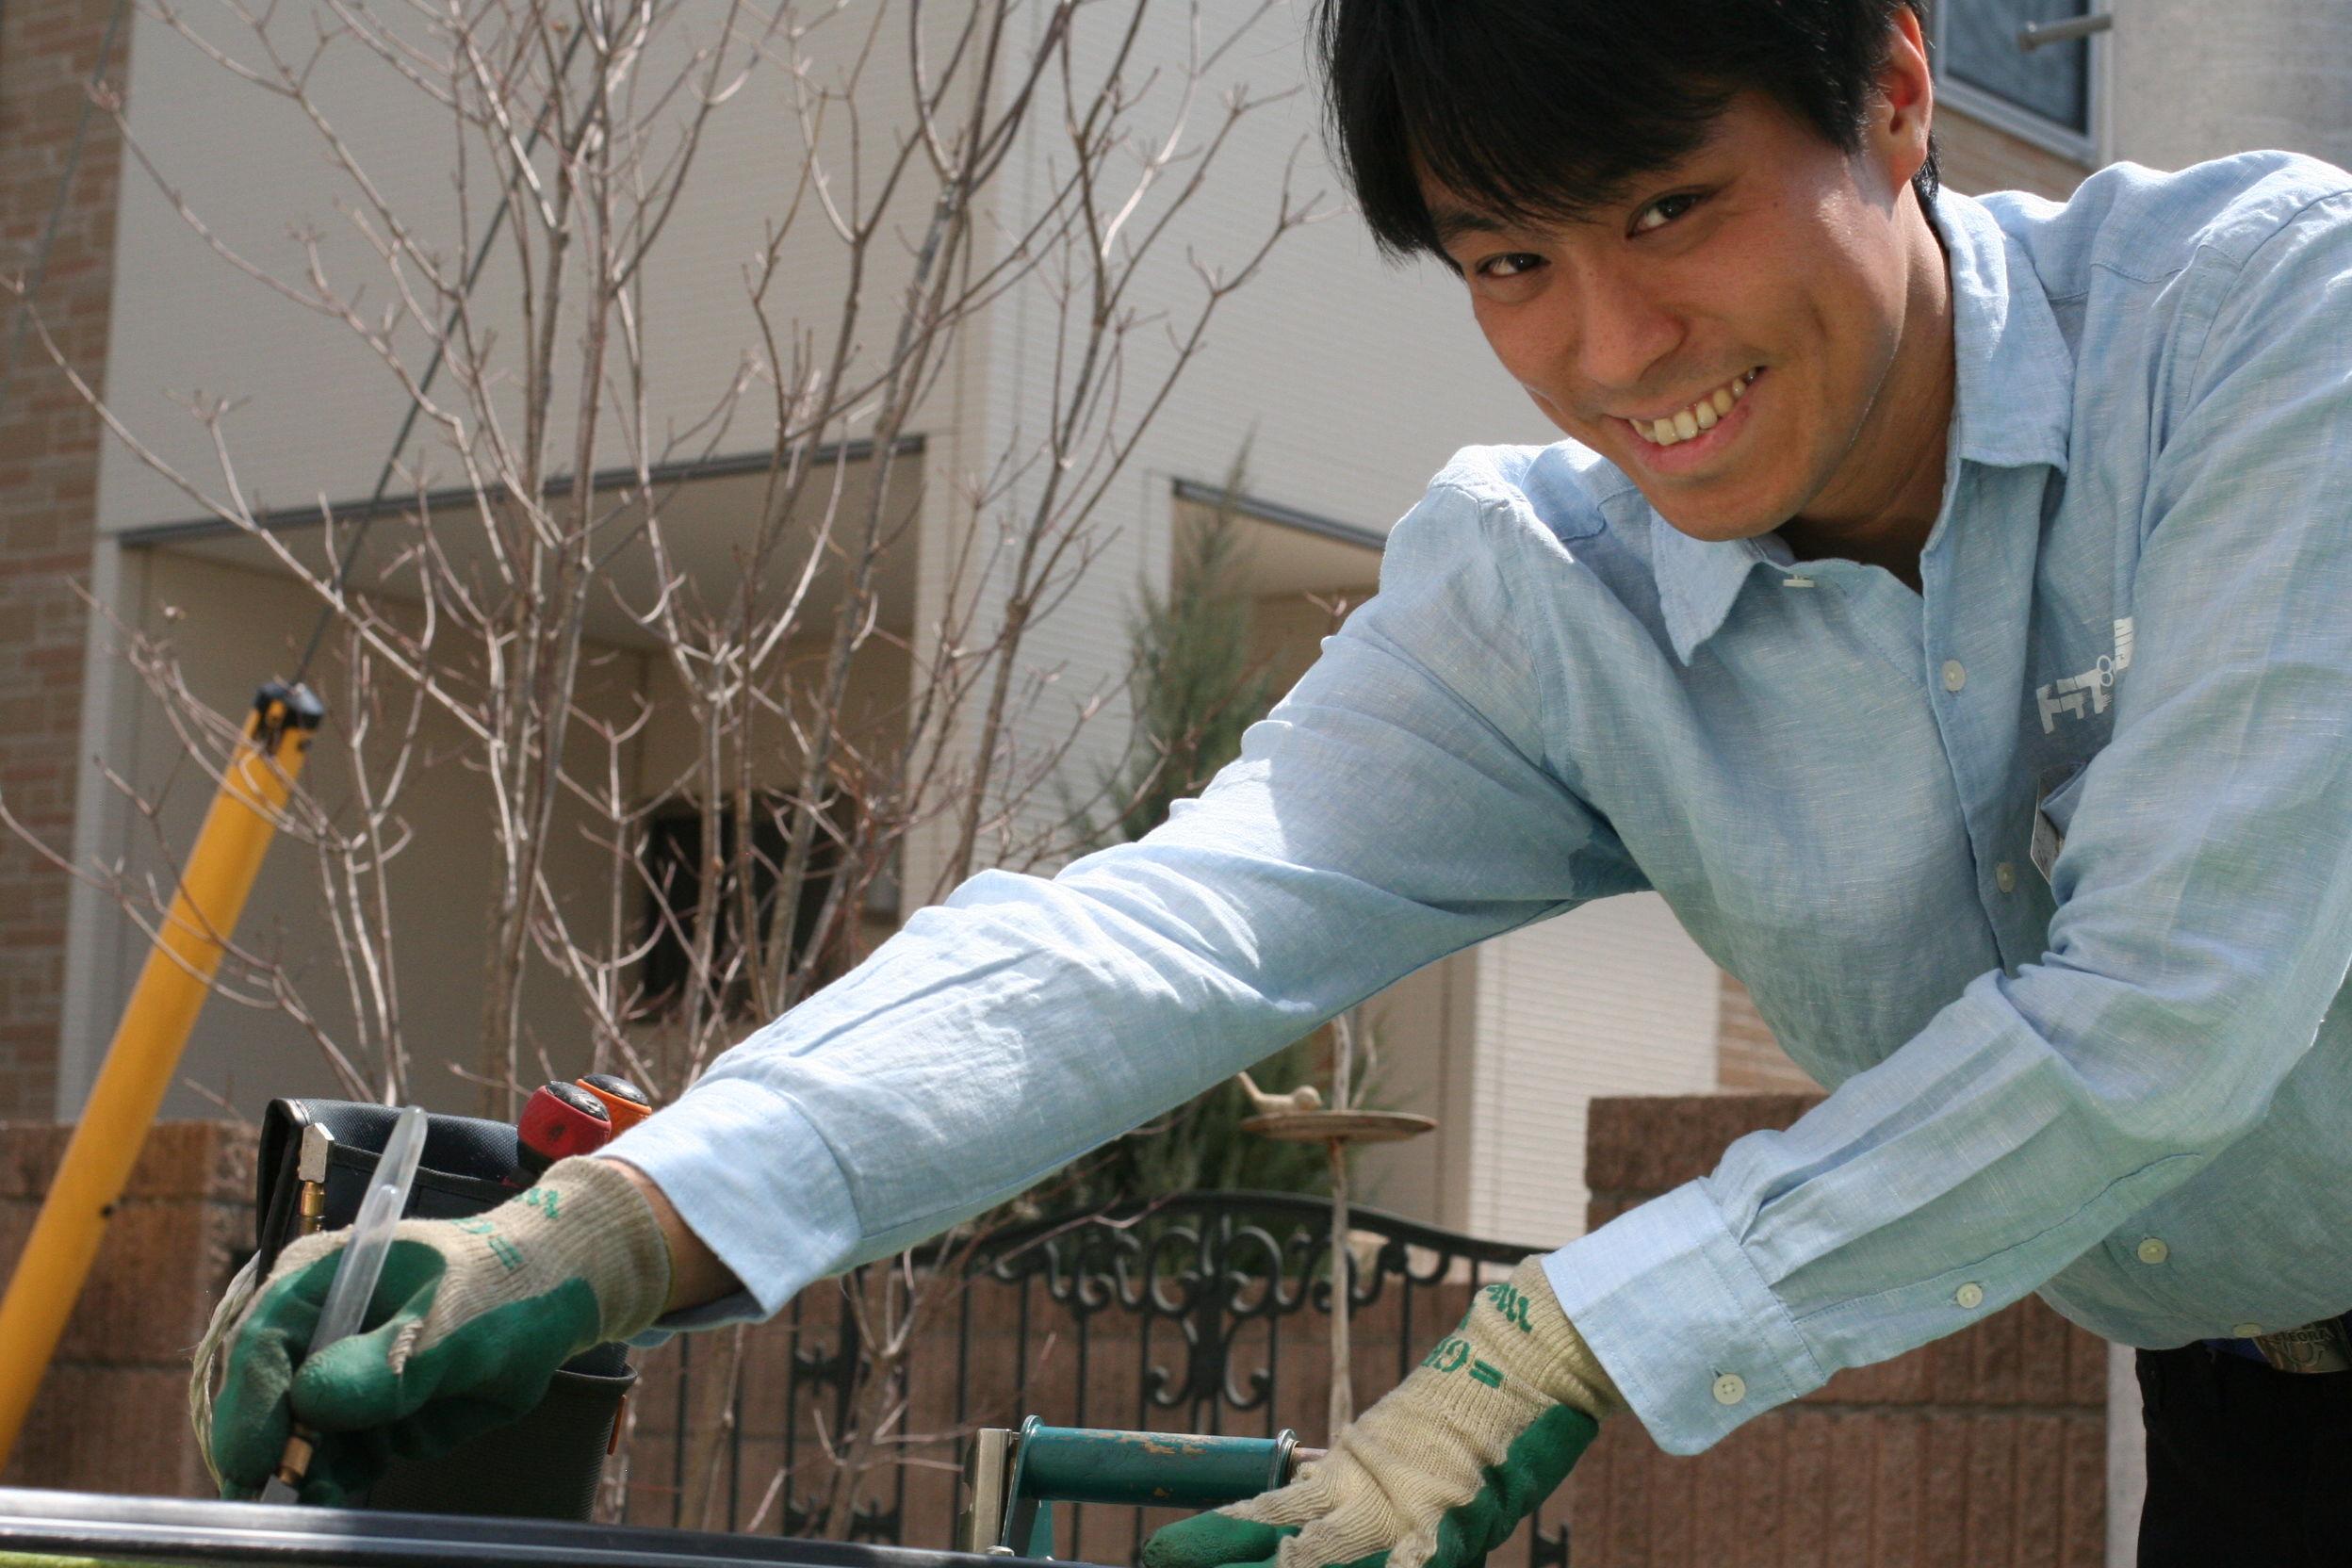 ガラスのトラブル救Q隊.24【知立市 出張エリア】のメイン画像